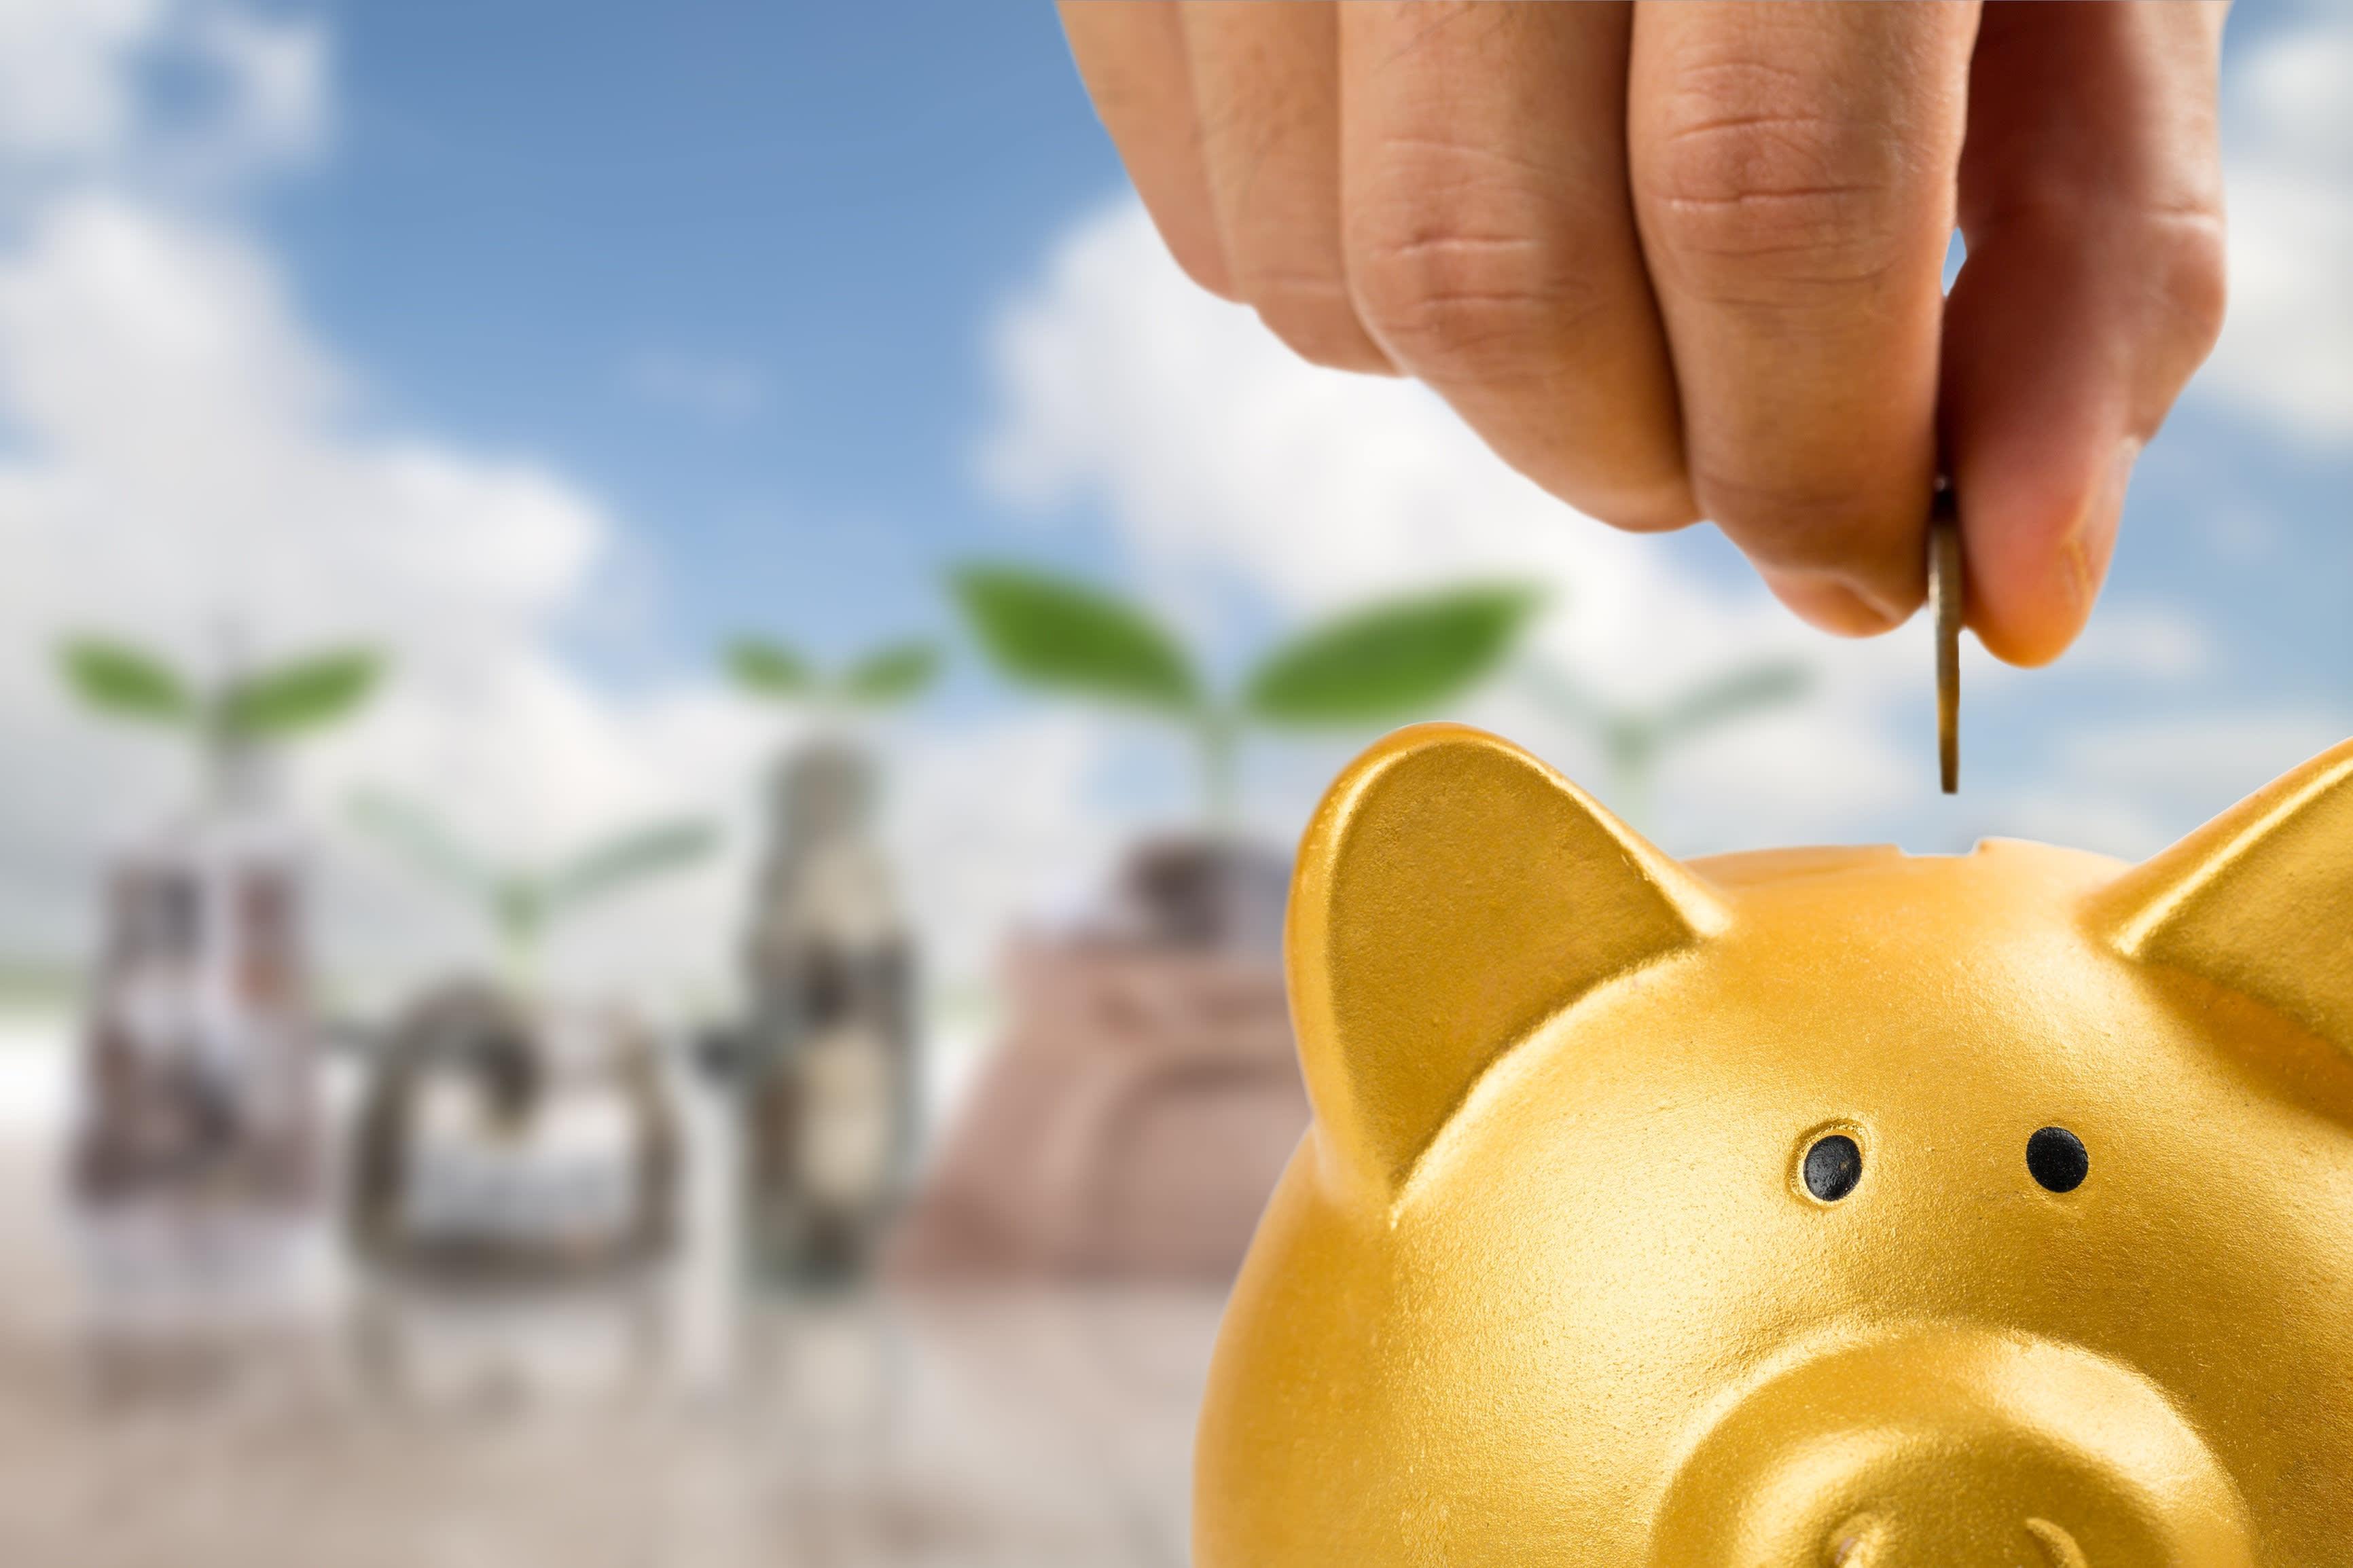 Quilter adds scheme pays function to adviser platform